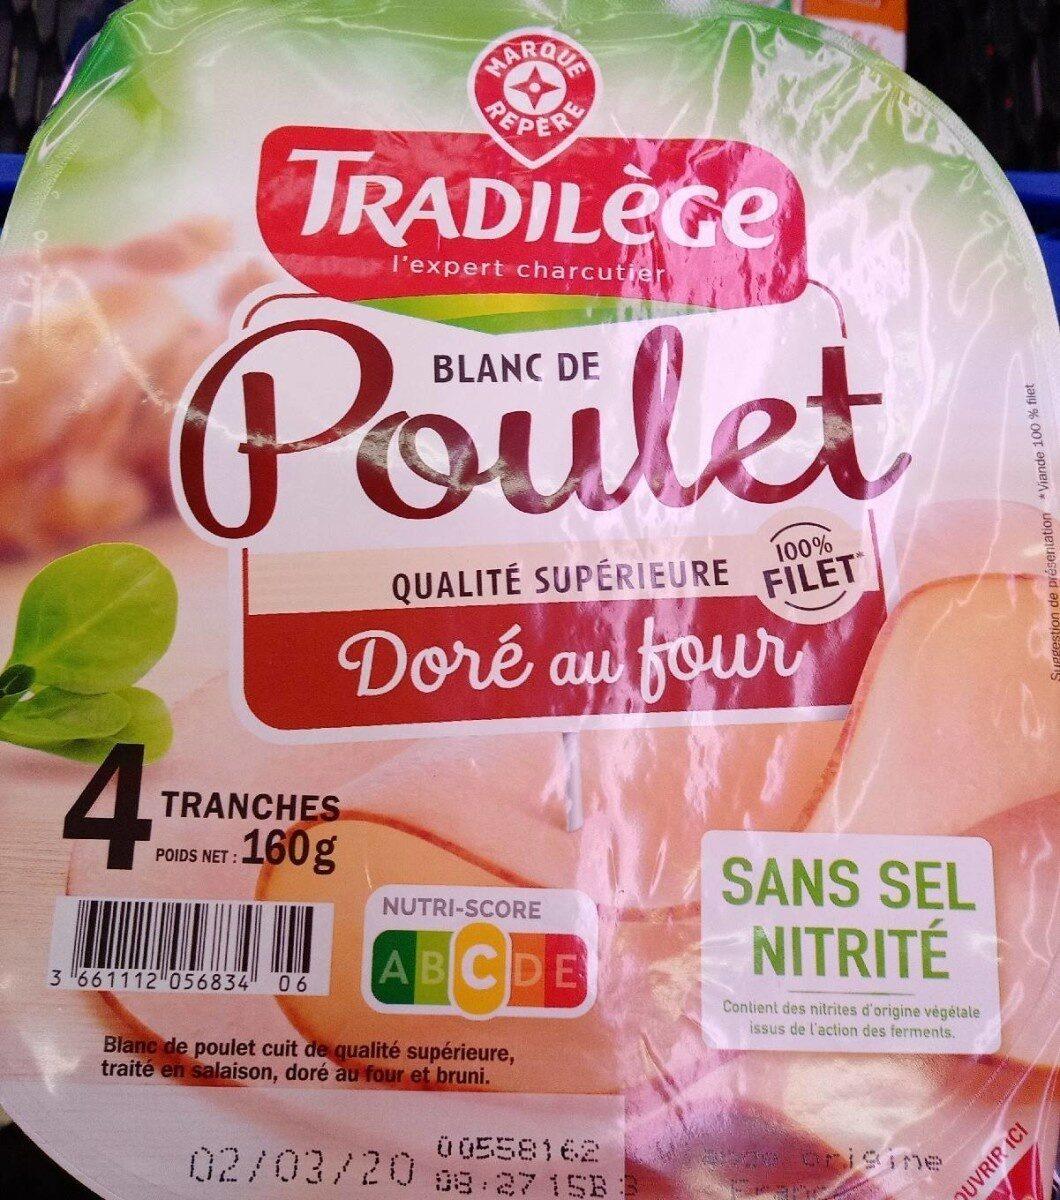 Blancs de poulet 4 tranches - Prodotto - fr